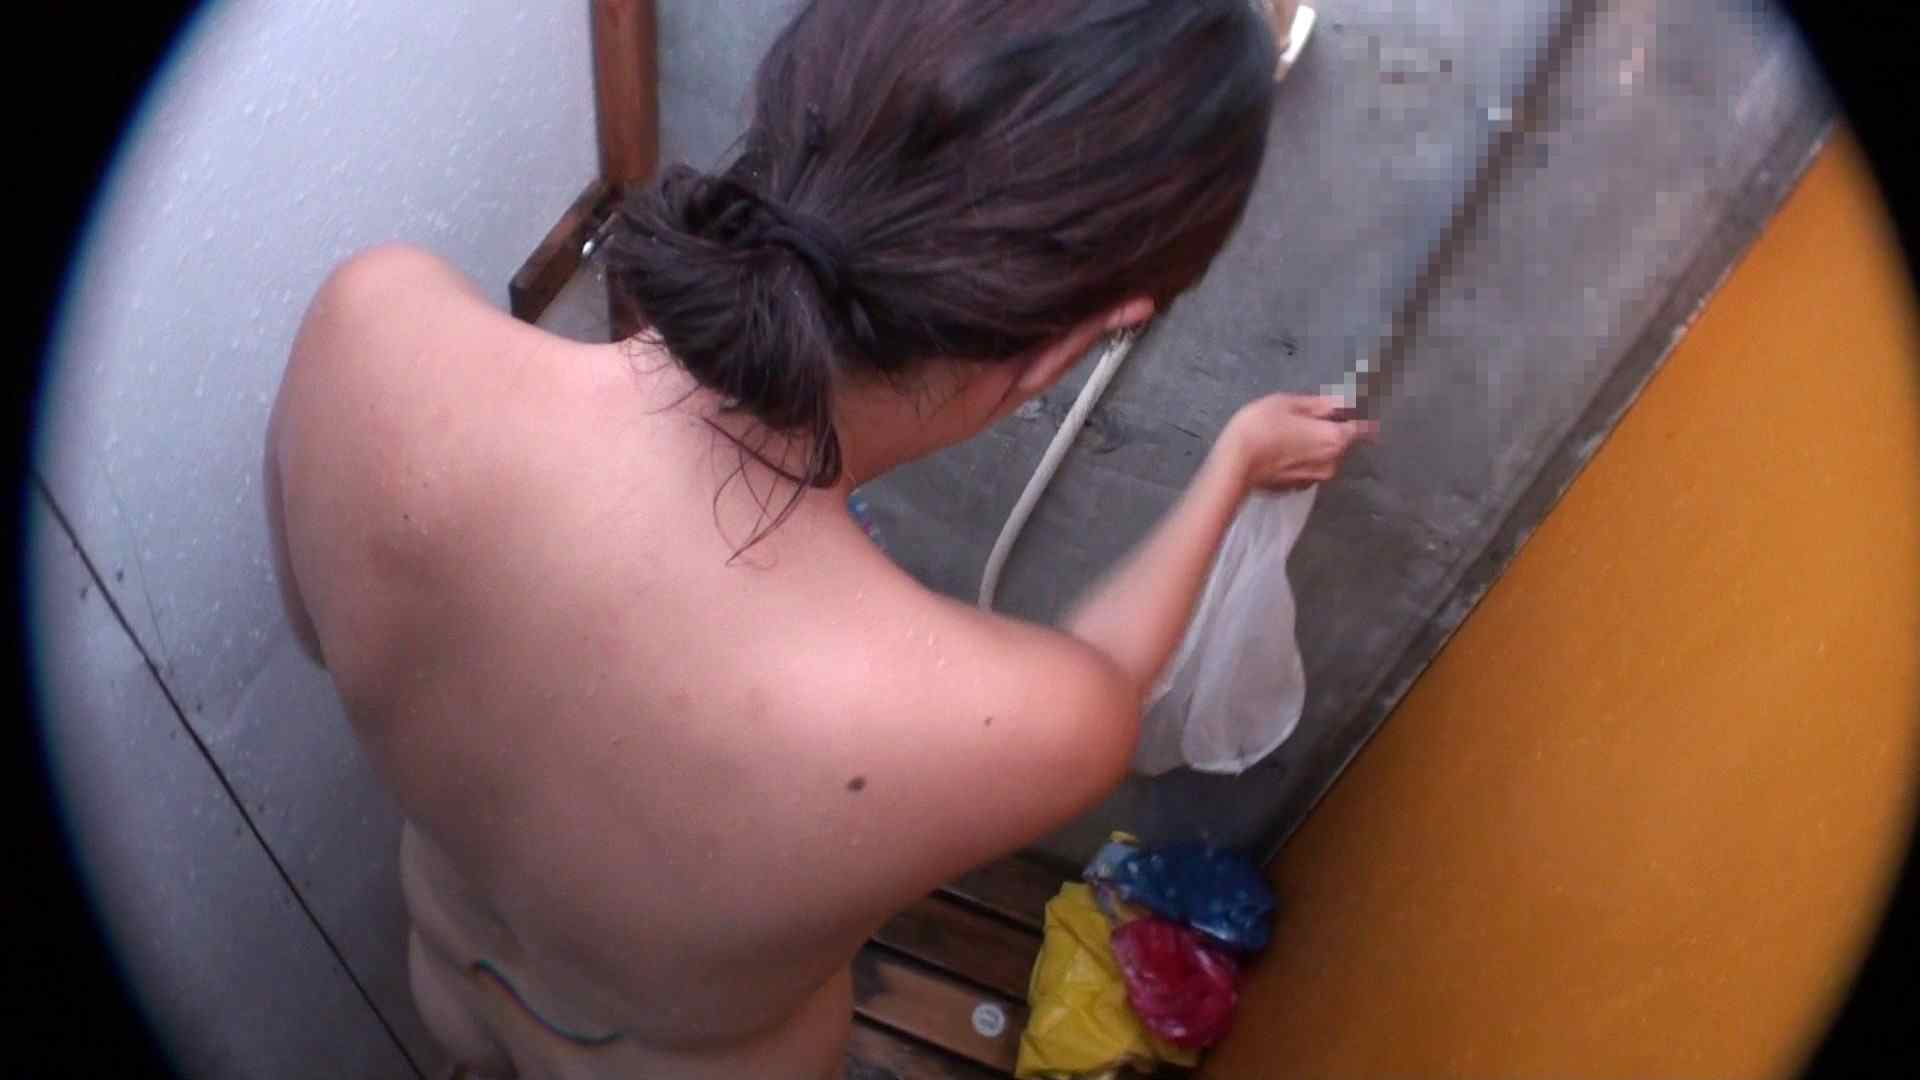 ハイビジョンVol.31 清楚なママのパンツはティーバック シャワー中 | OL  58連発 45